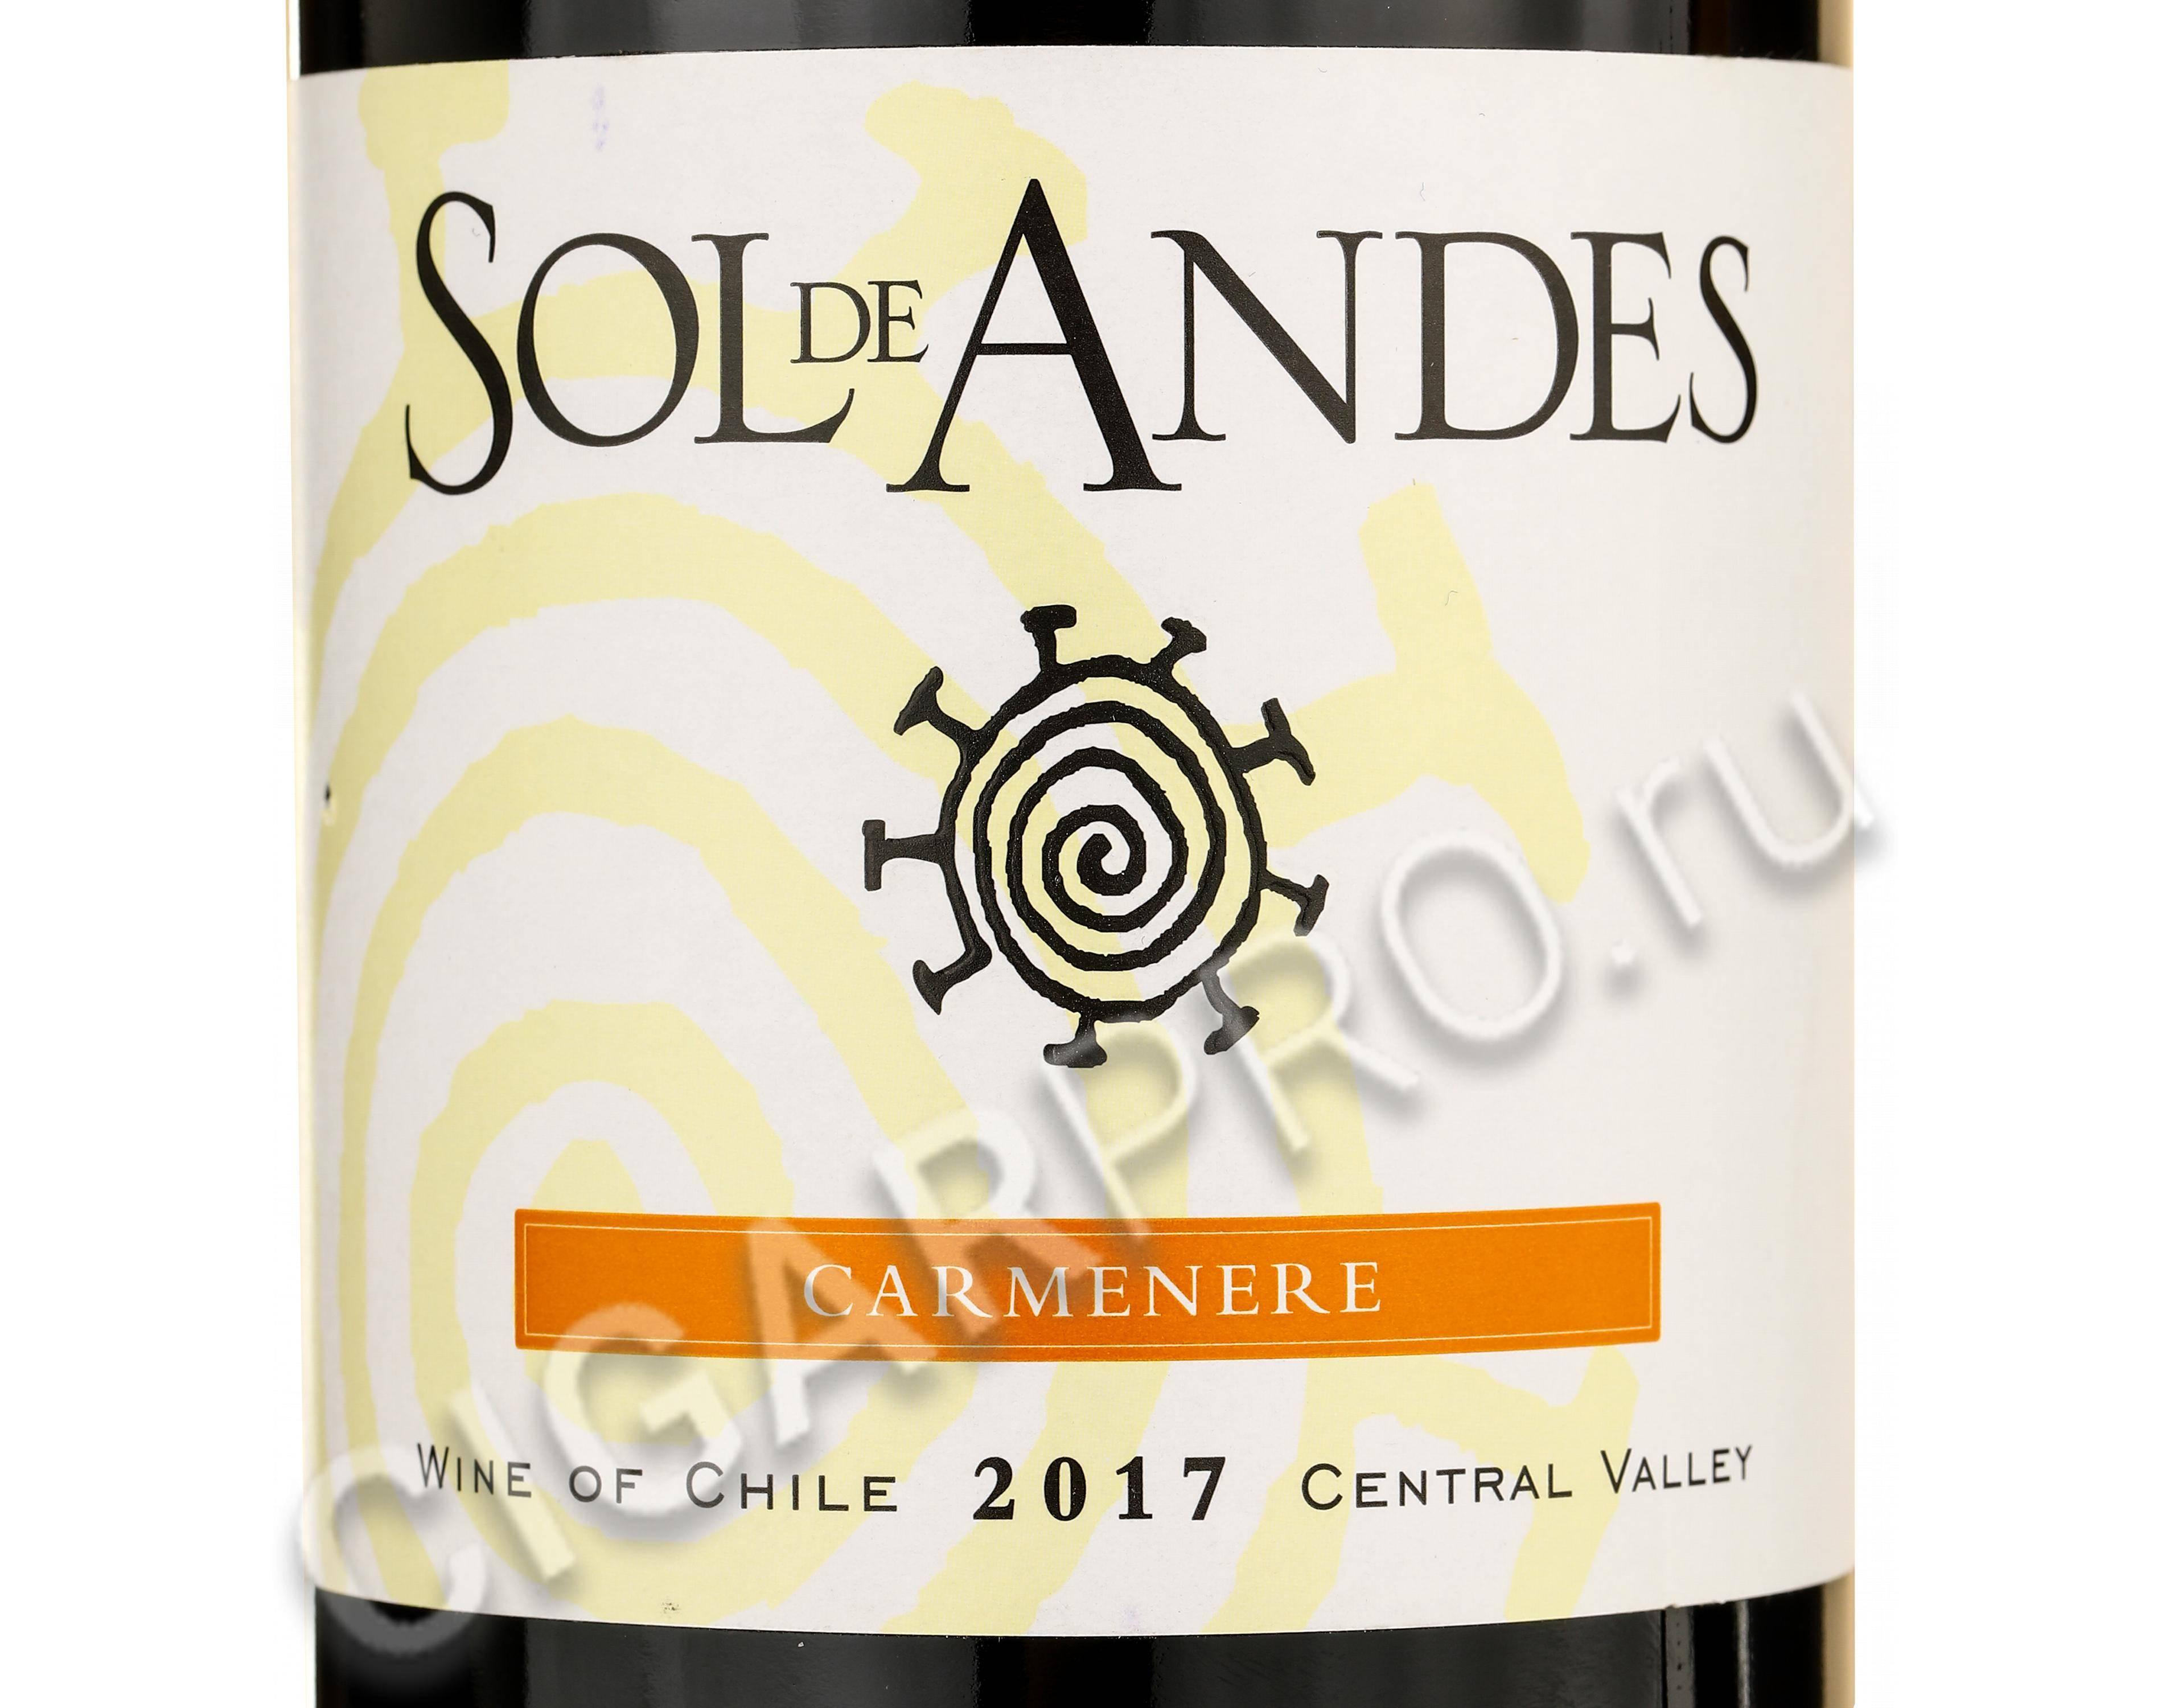 Вино карменере (carmenere): описание, отзывы и стоимость